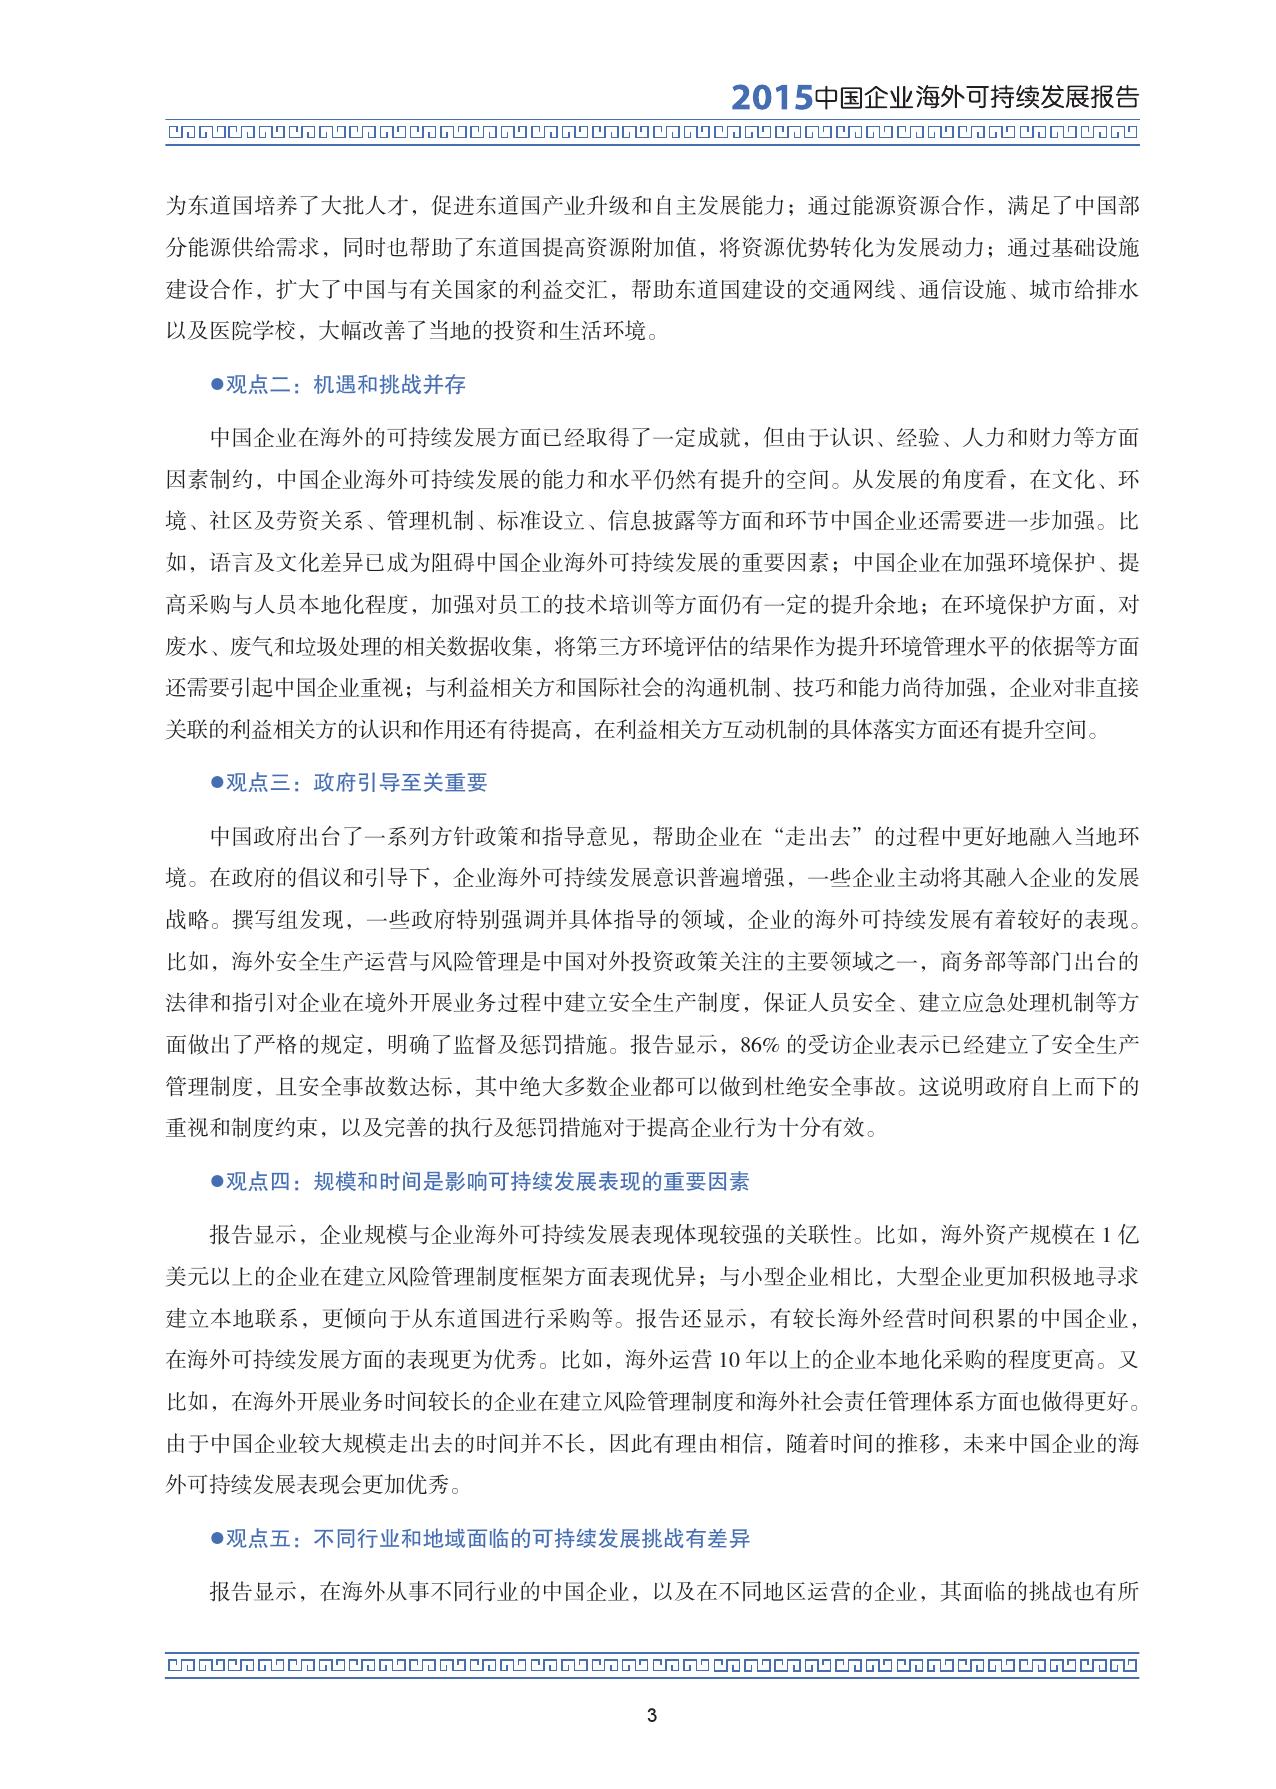 2015中国企业海外可持续发展报告_000006